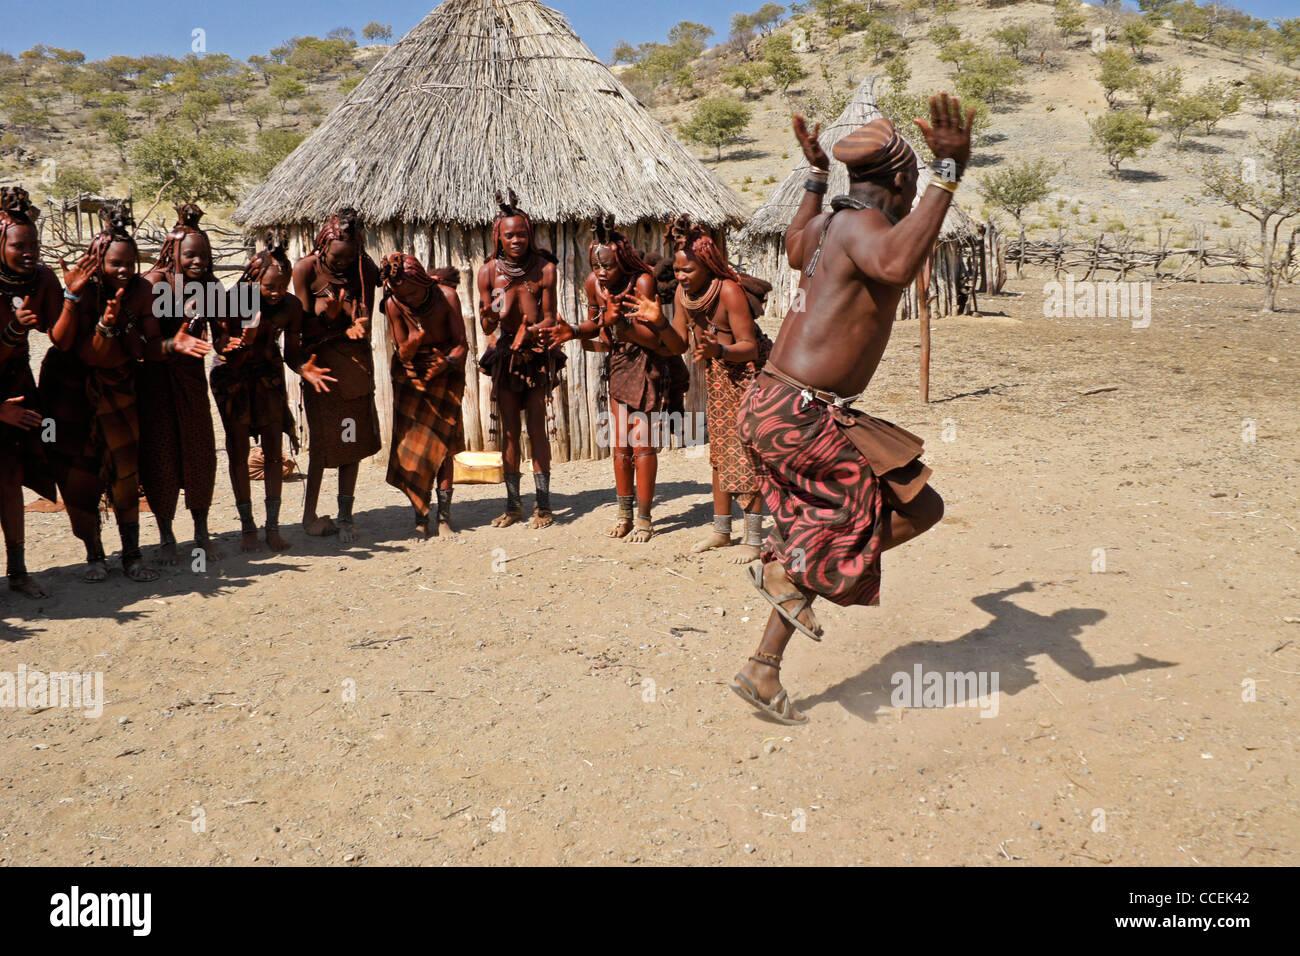 Himba women singing and man dancing in village near Opuwo, Namibia - Stock Image